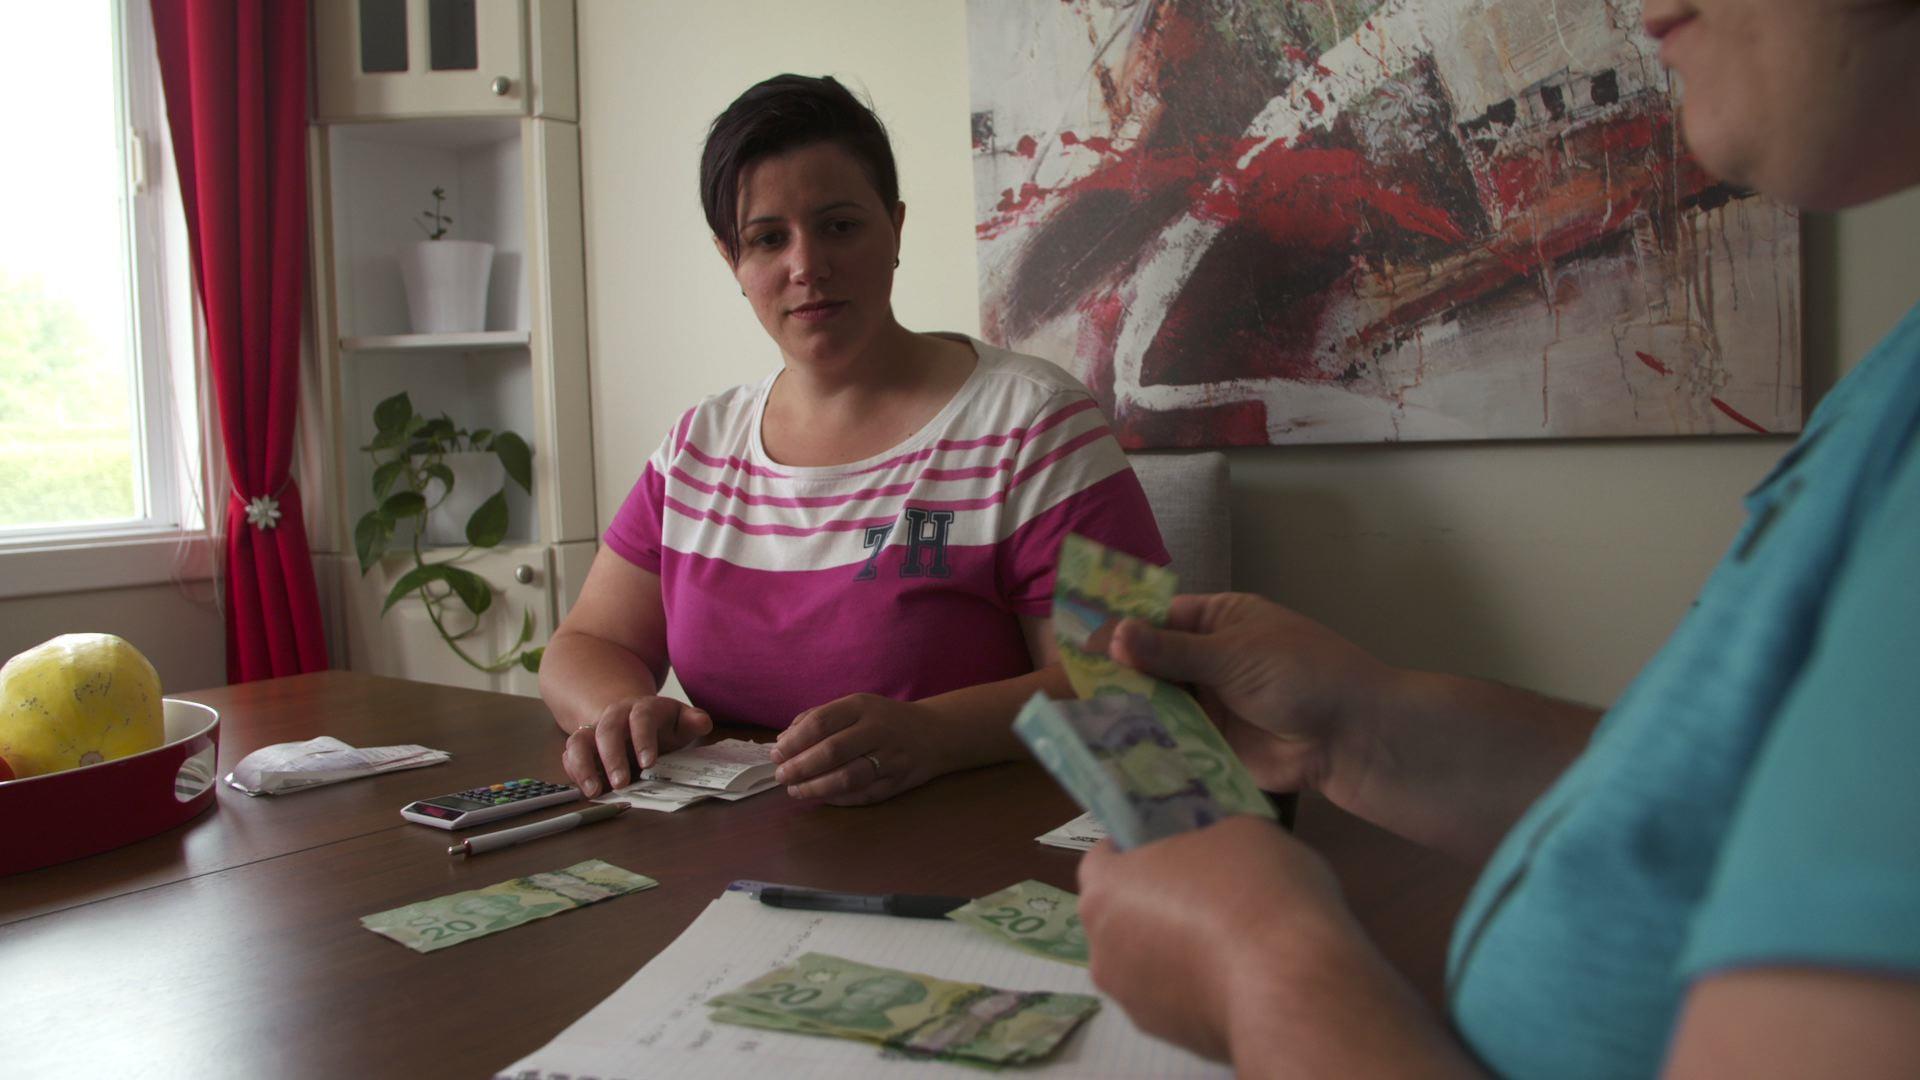 Amour et argent peuvent faire bon ménage - Chapitre 2 : Modes de gestion de l'argent dans le couple